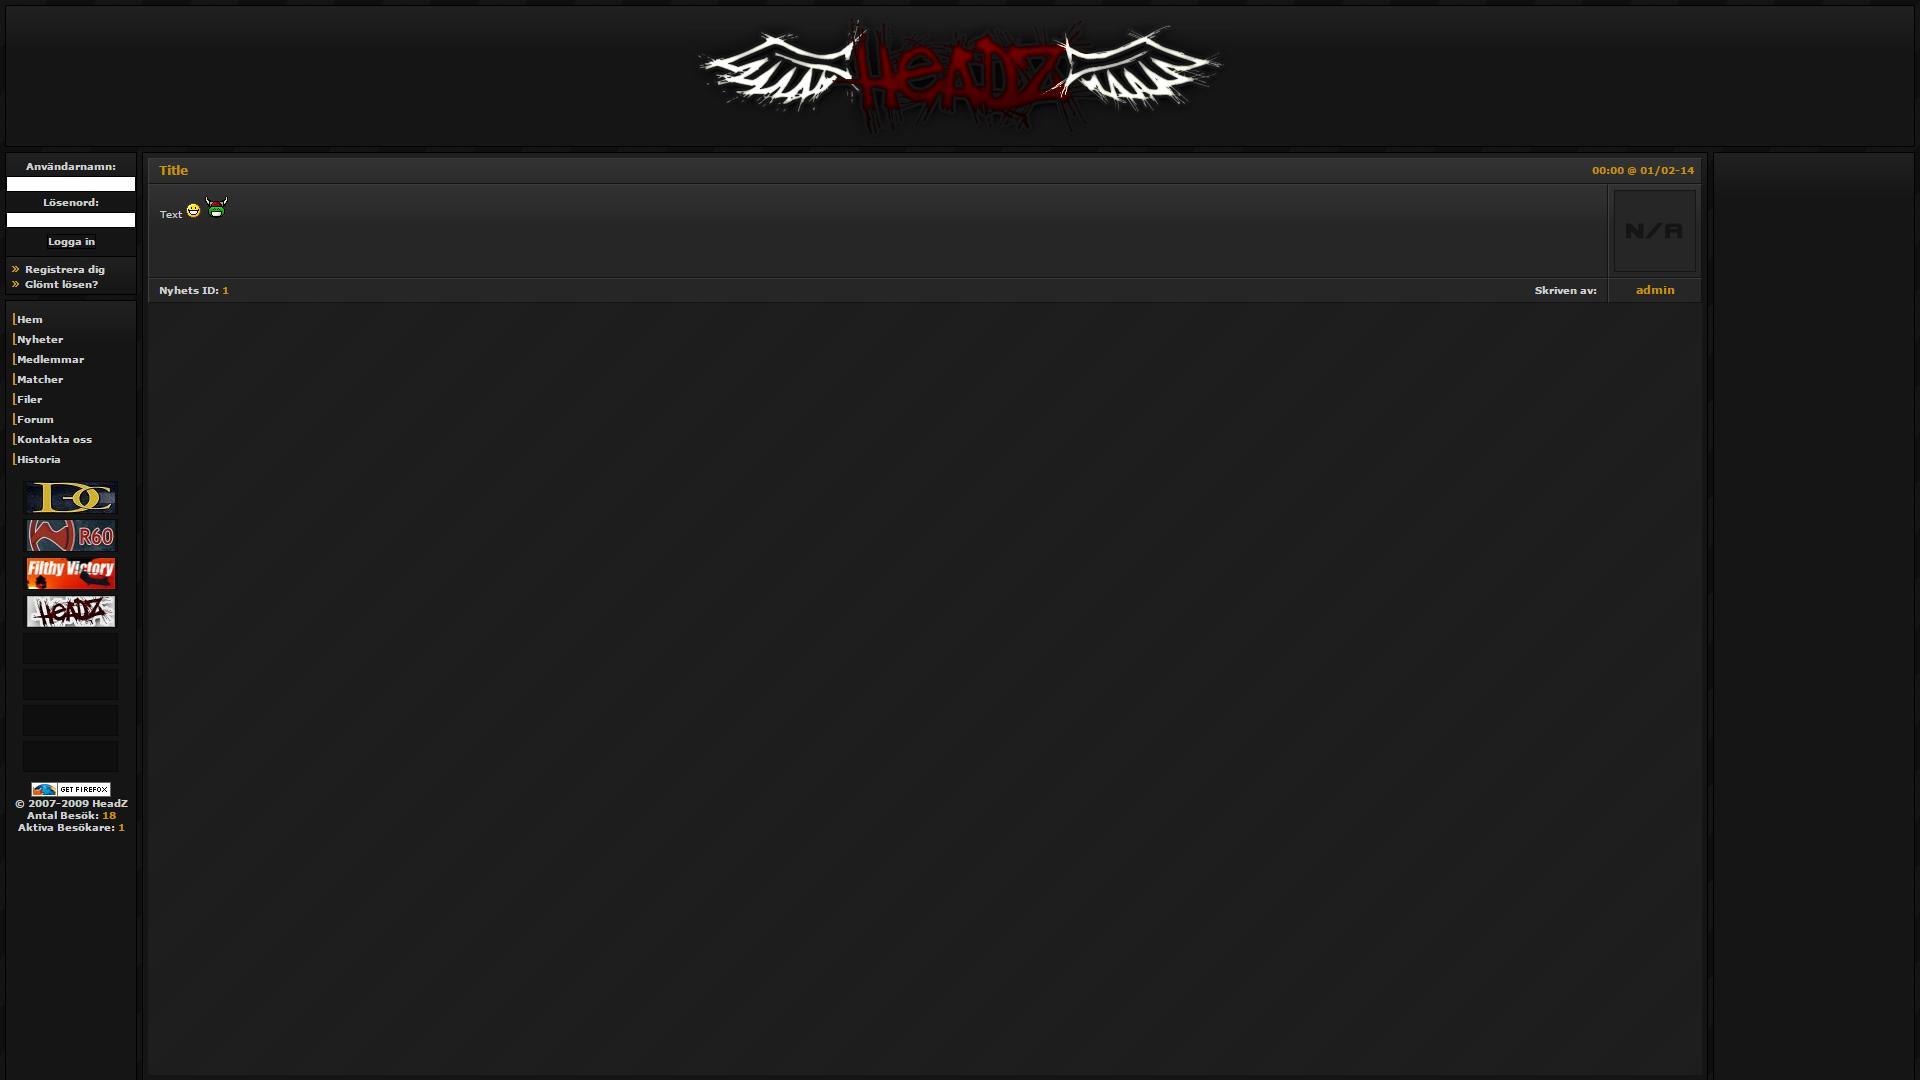 headz/assets/images/screenshot.png